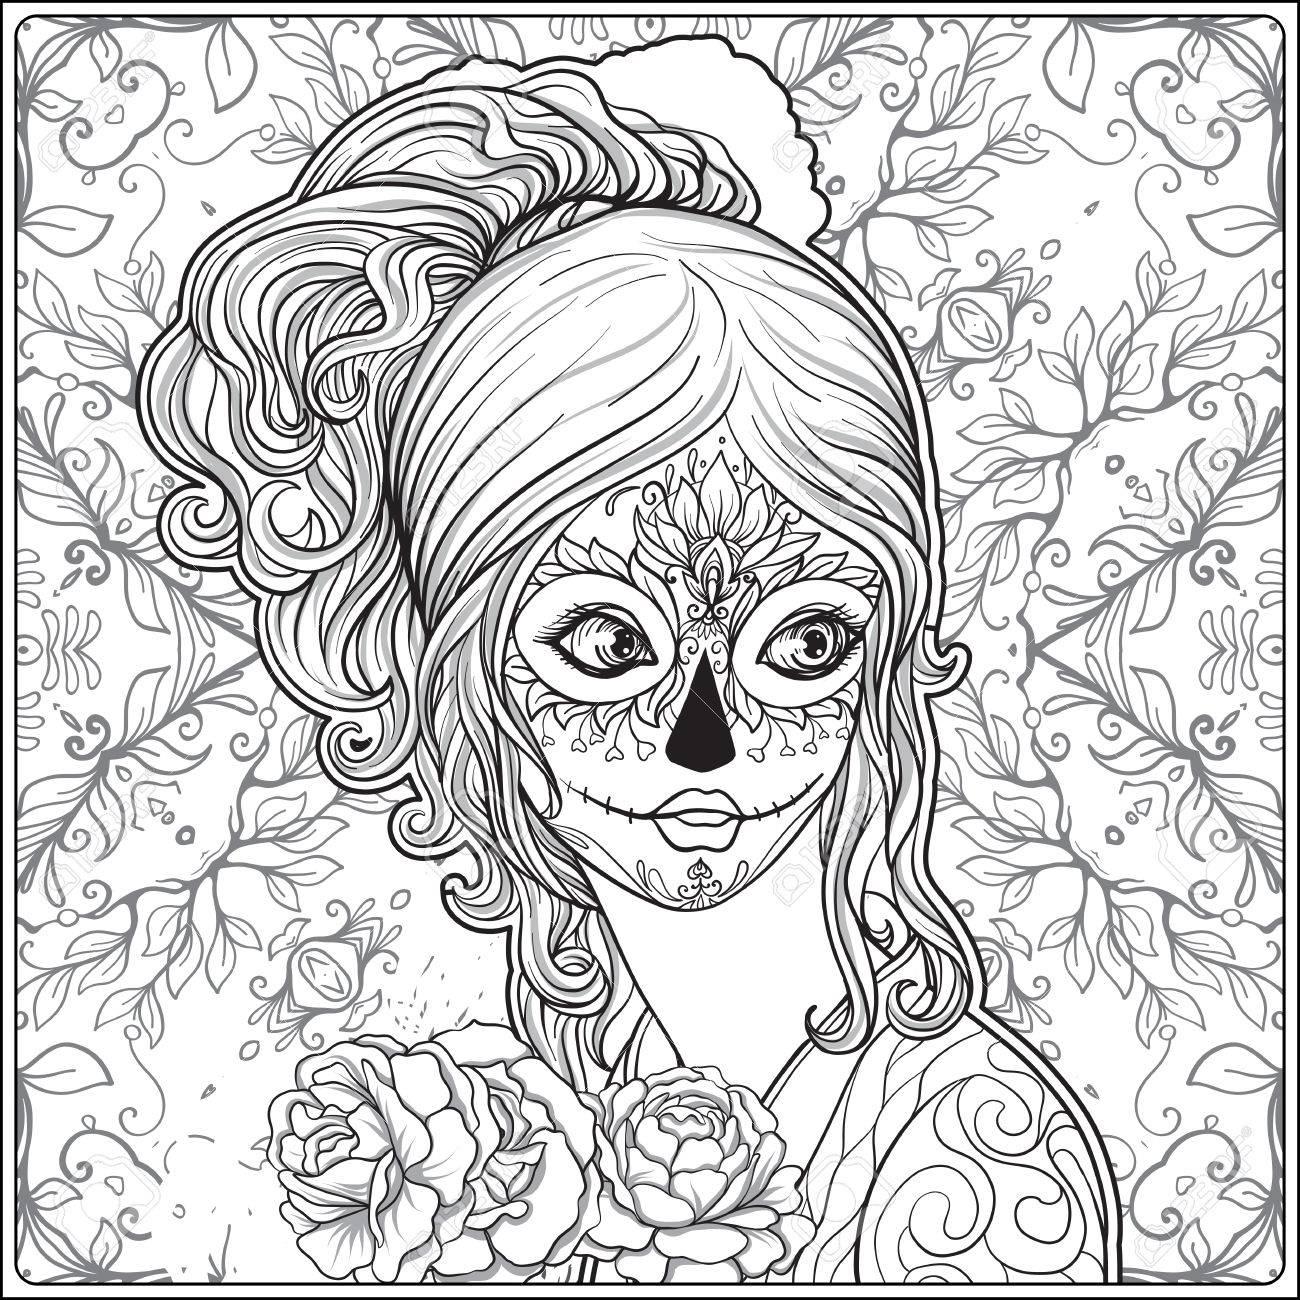 Portrait D'une Belle Jeune Fille Halloween Ou Jour Des Morts Maquillage Sur  Fond Décoratif. Dessiner La Main Coloriage Dessin À La Main Pour Le Livre concernant Dessin D Halloween Facile A Dessiner